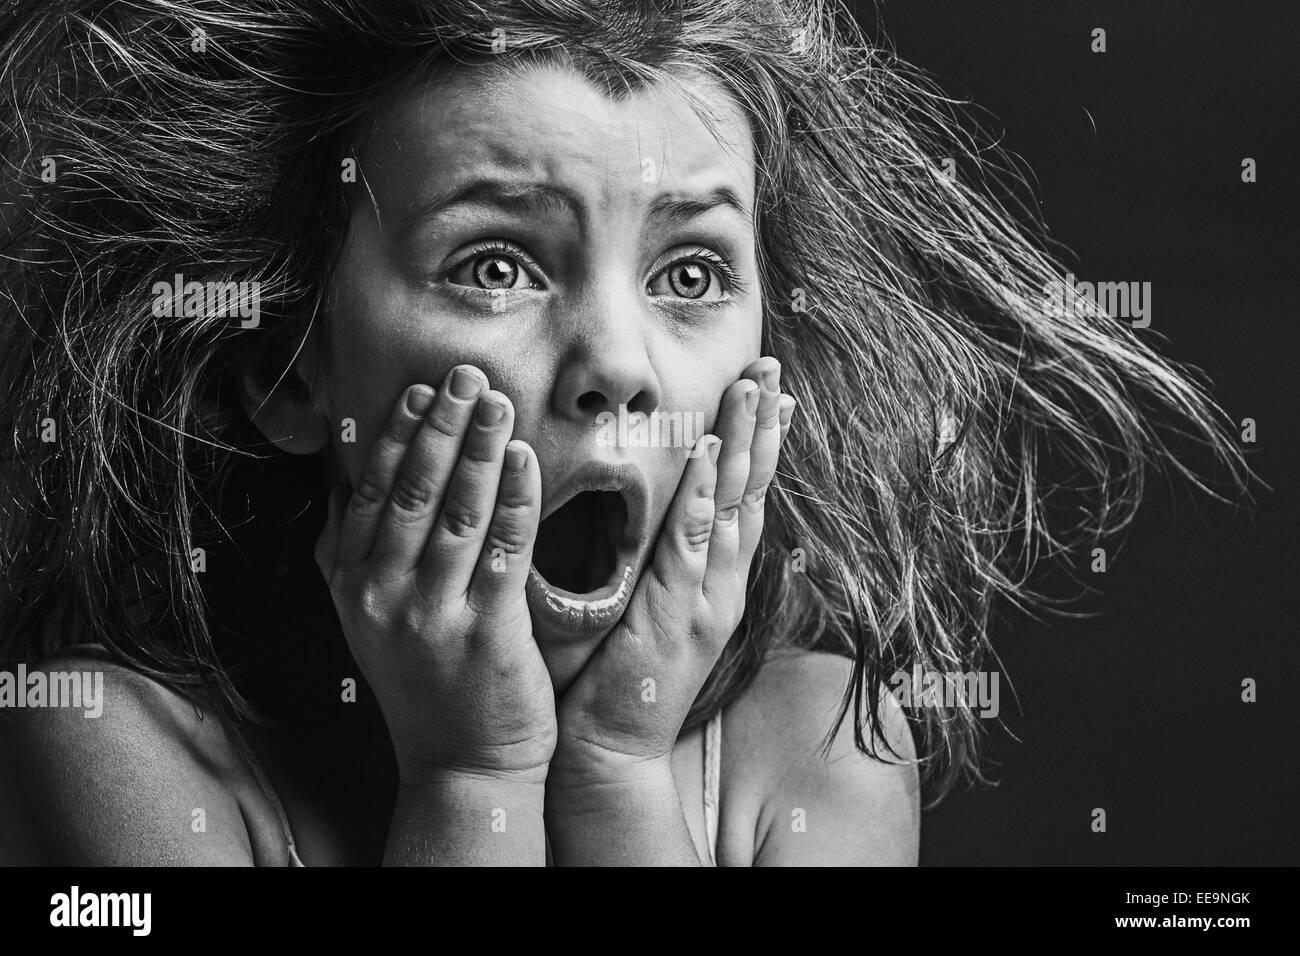 Poderosa Imagem do medo Criança Imagens de Stock